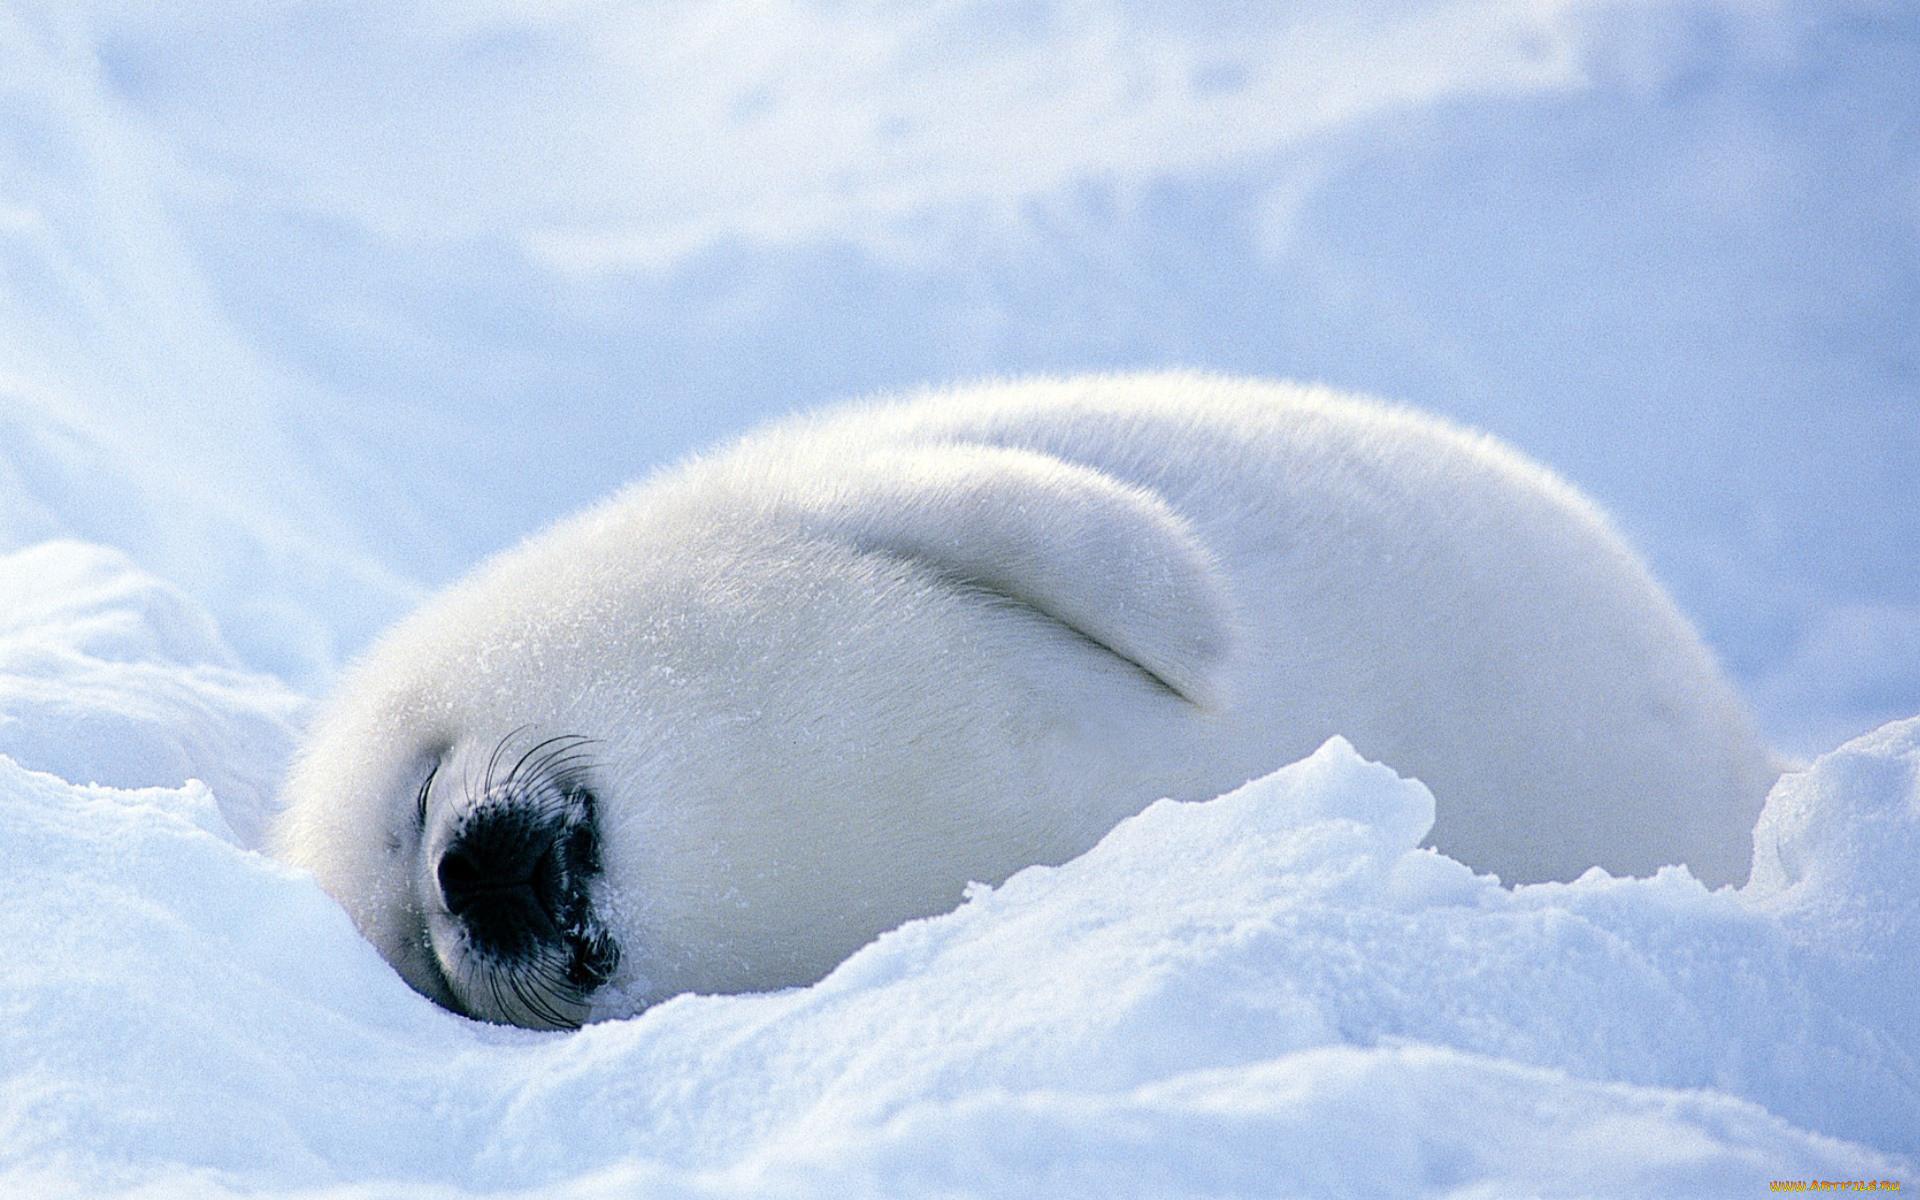 кожа фото гренландского тюленя таком подарке чувствуется